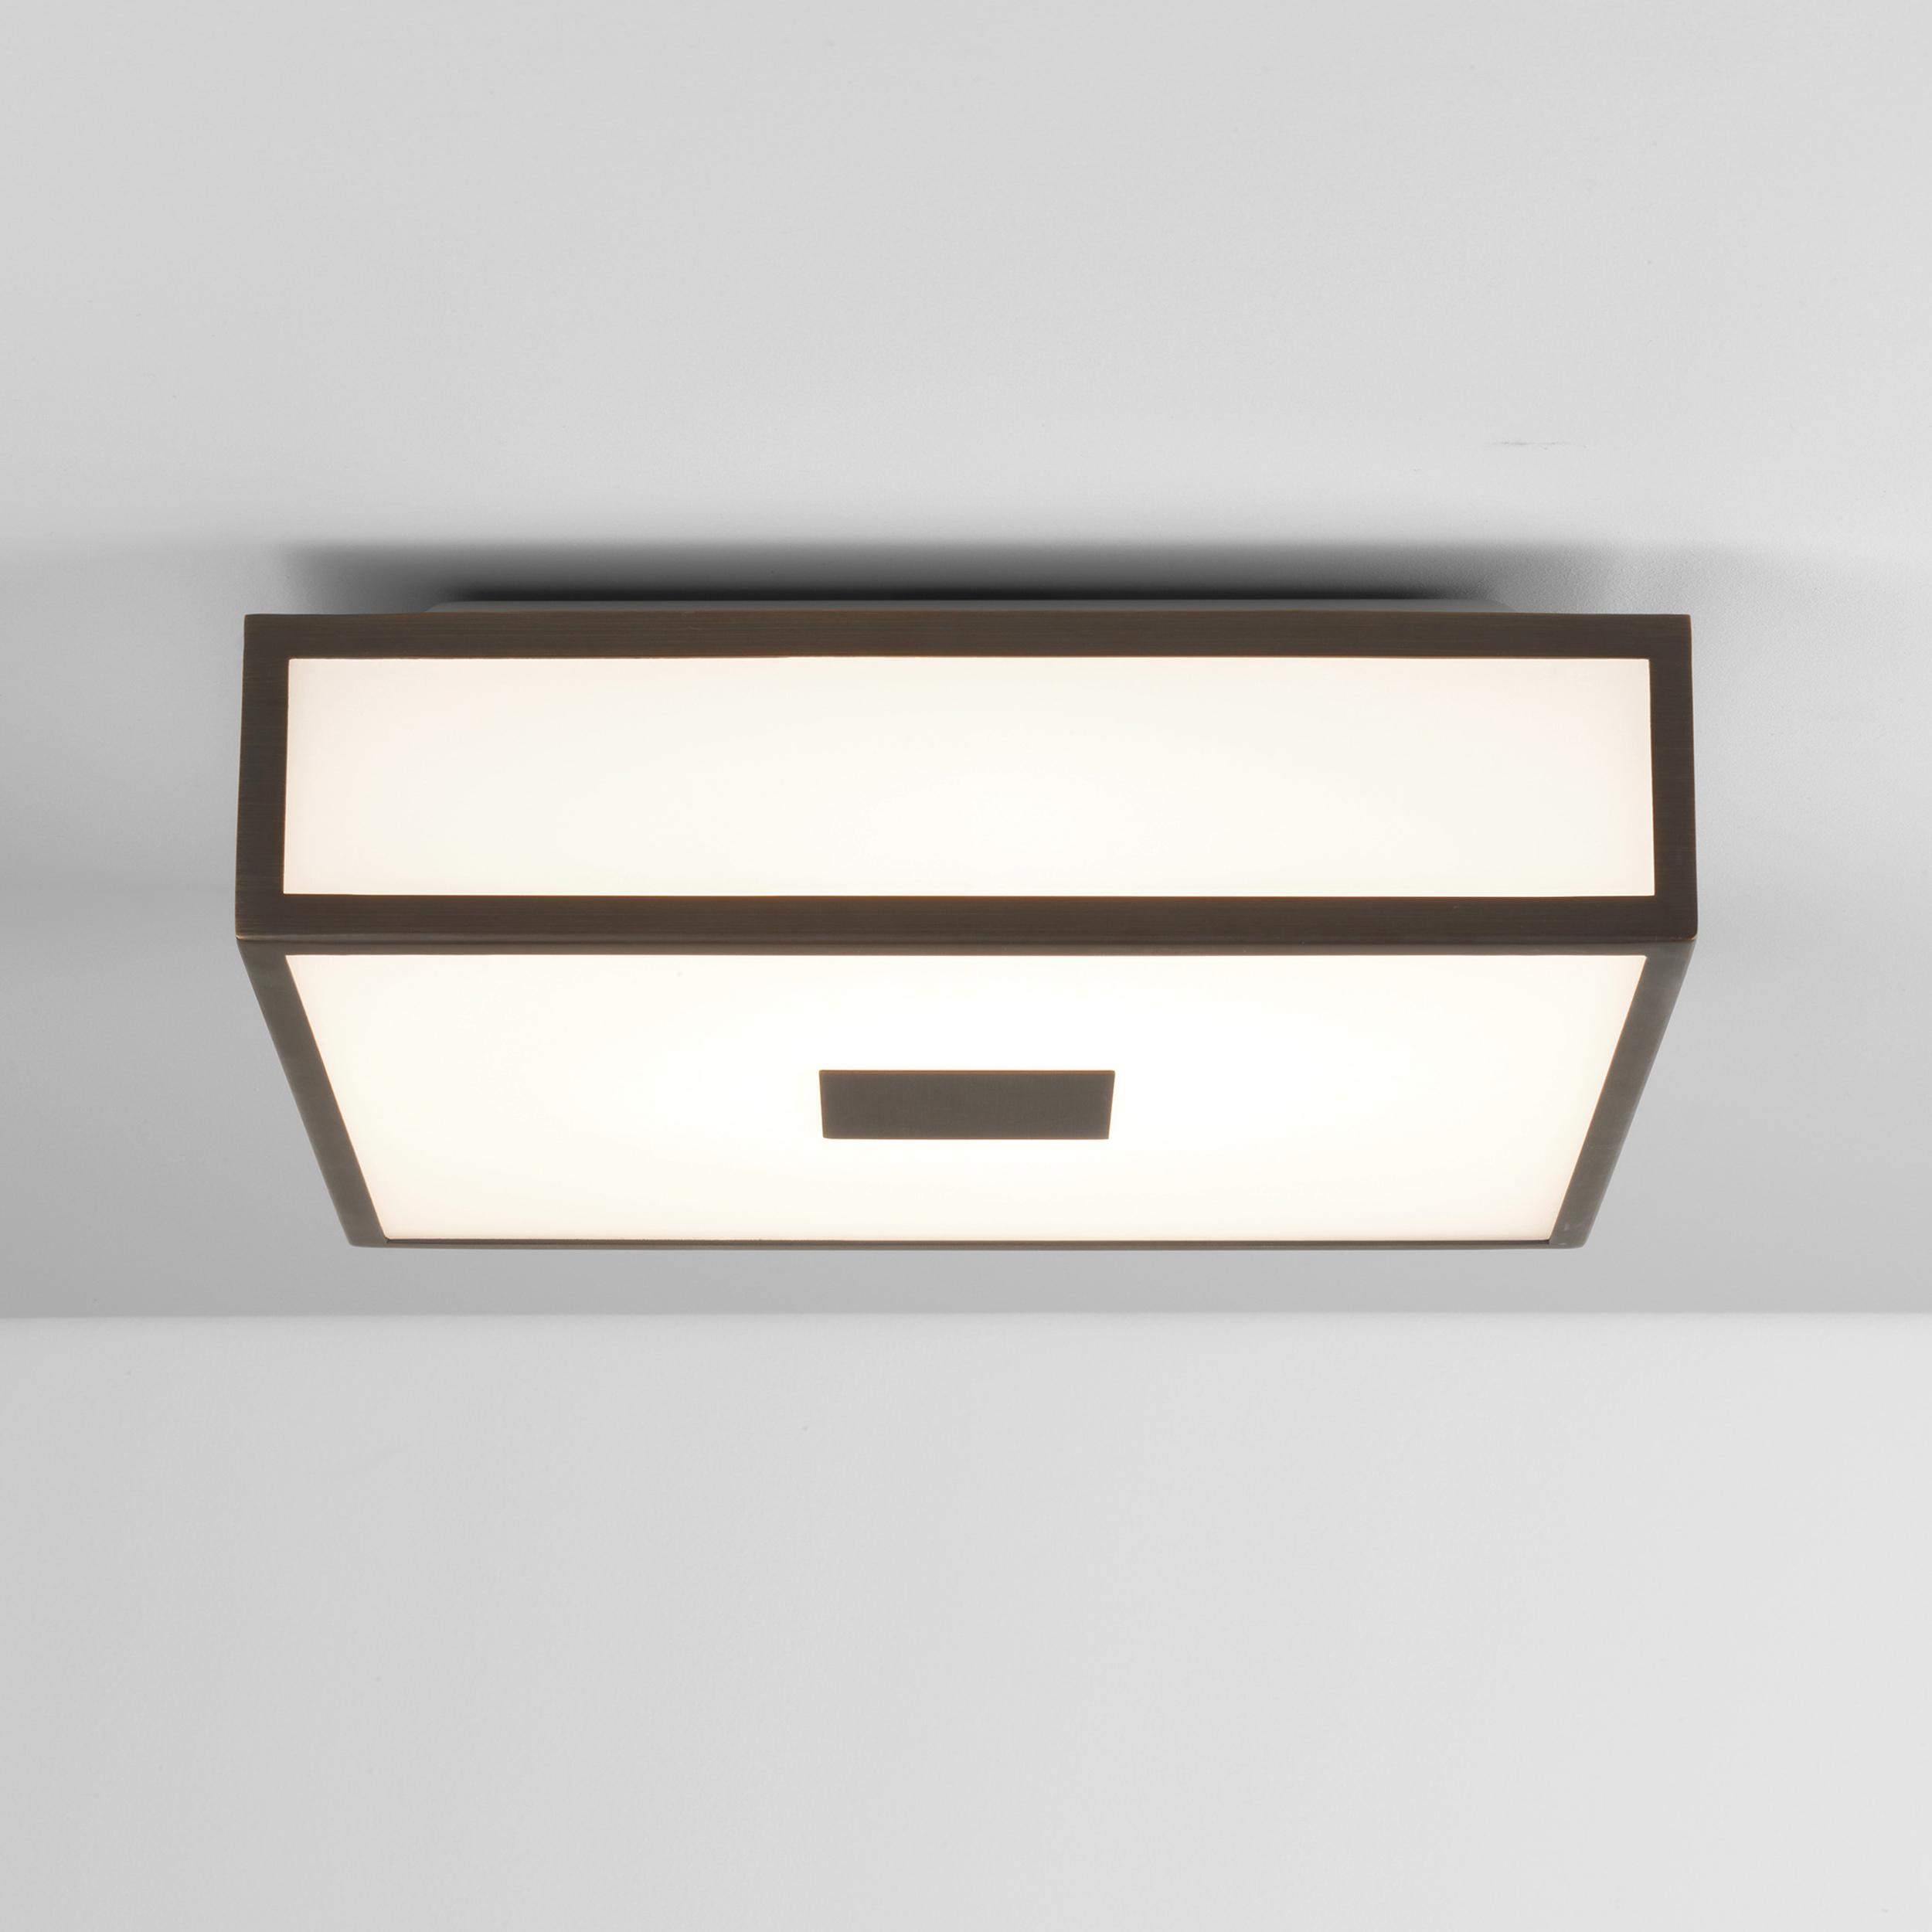 Mashiko 300 square led ceiling light